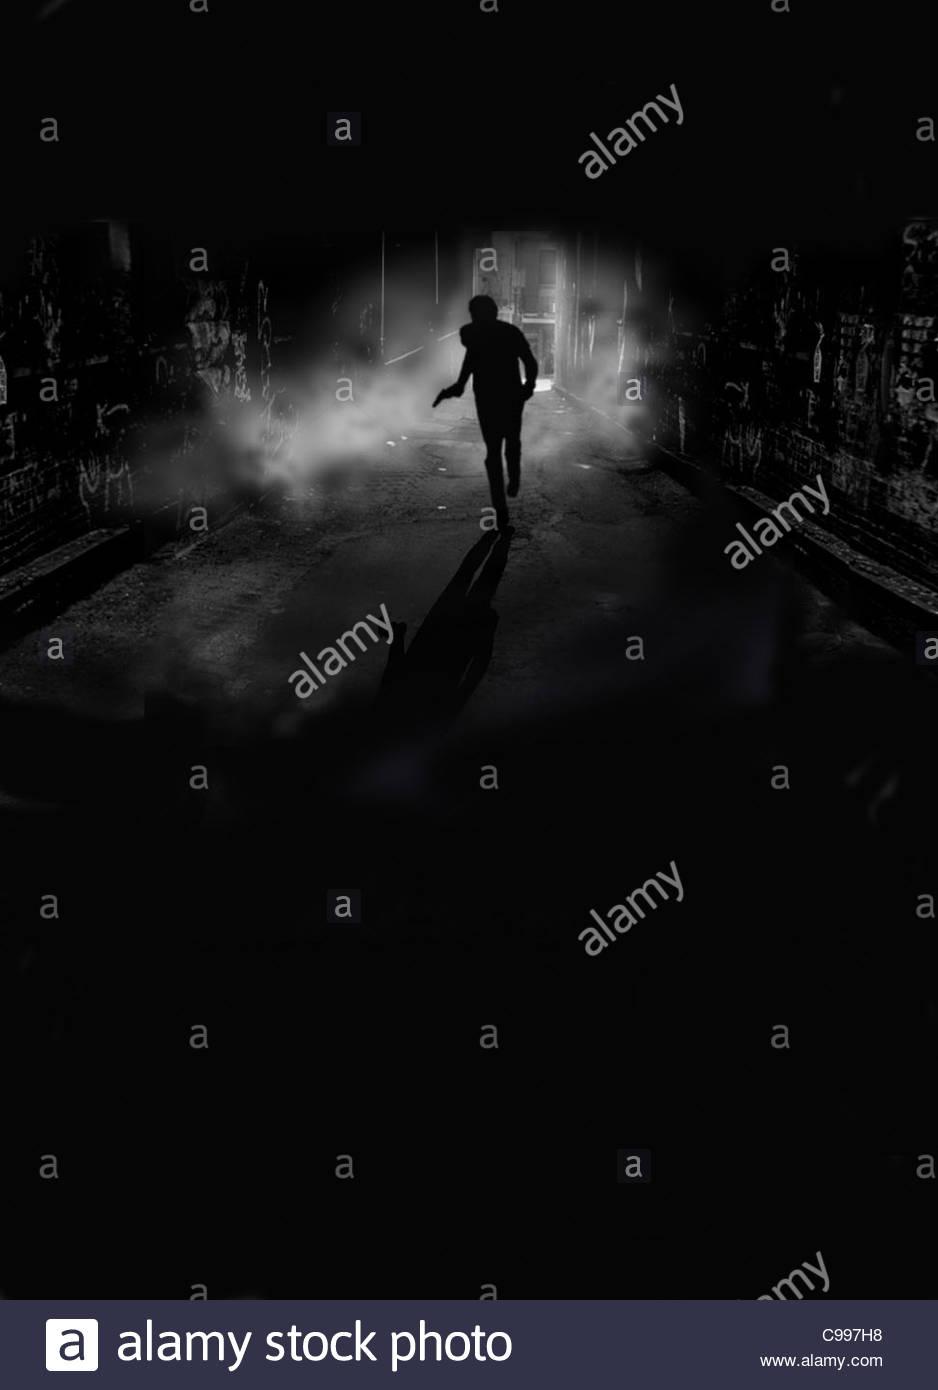 Échapper à l'obscurité des armes nuit homme flchten escape Fly cut off nuit nuit nightl Photo Stock